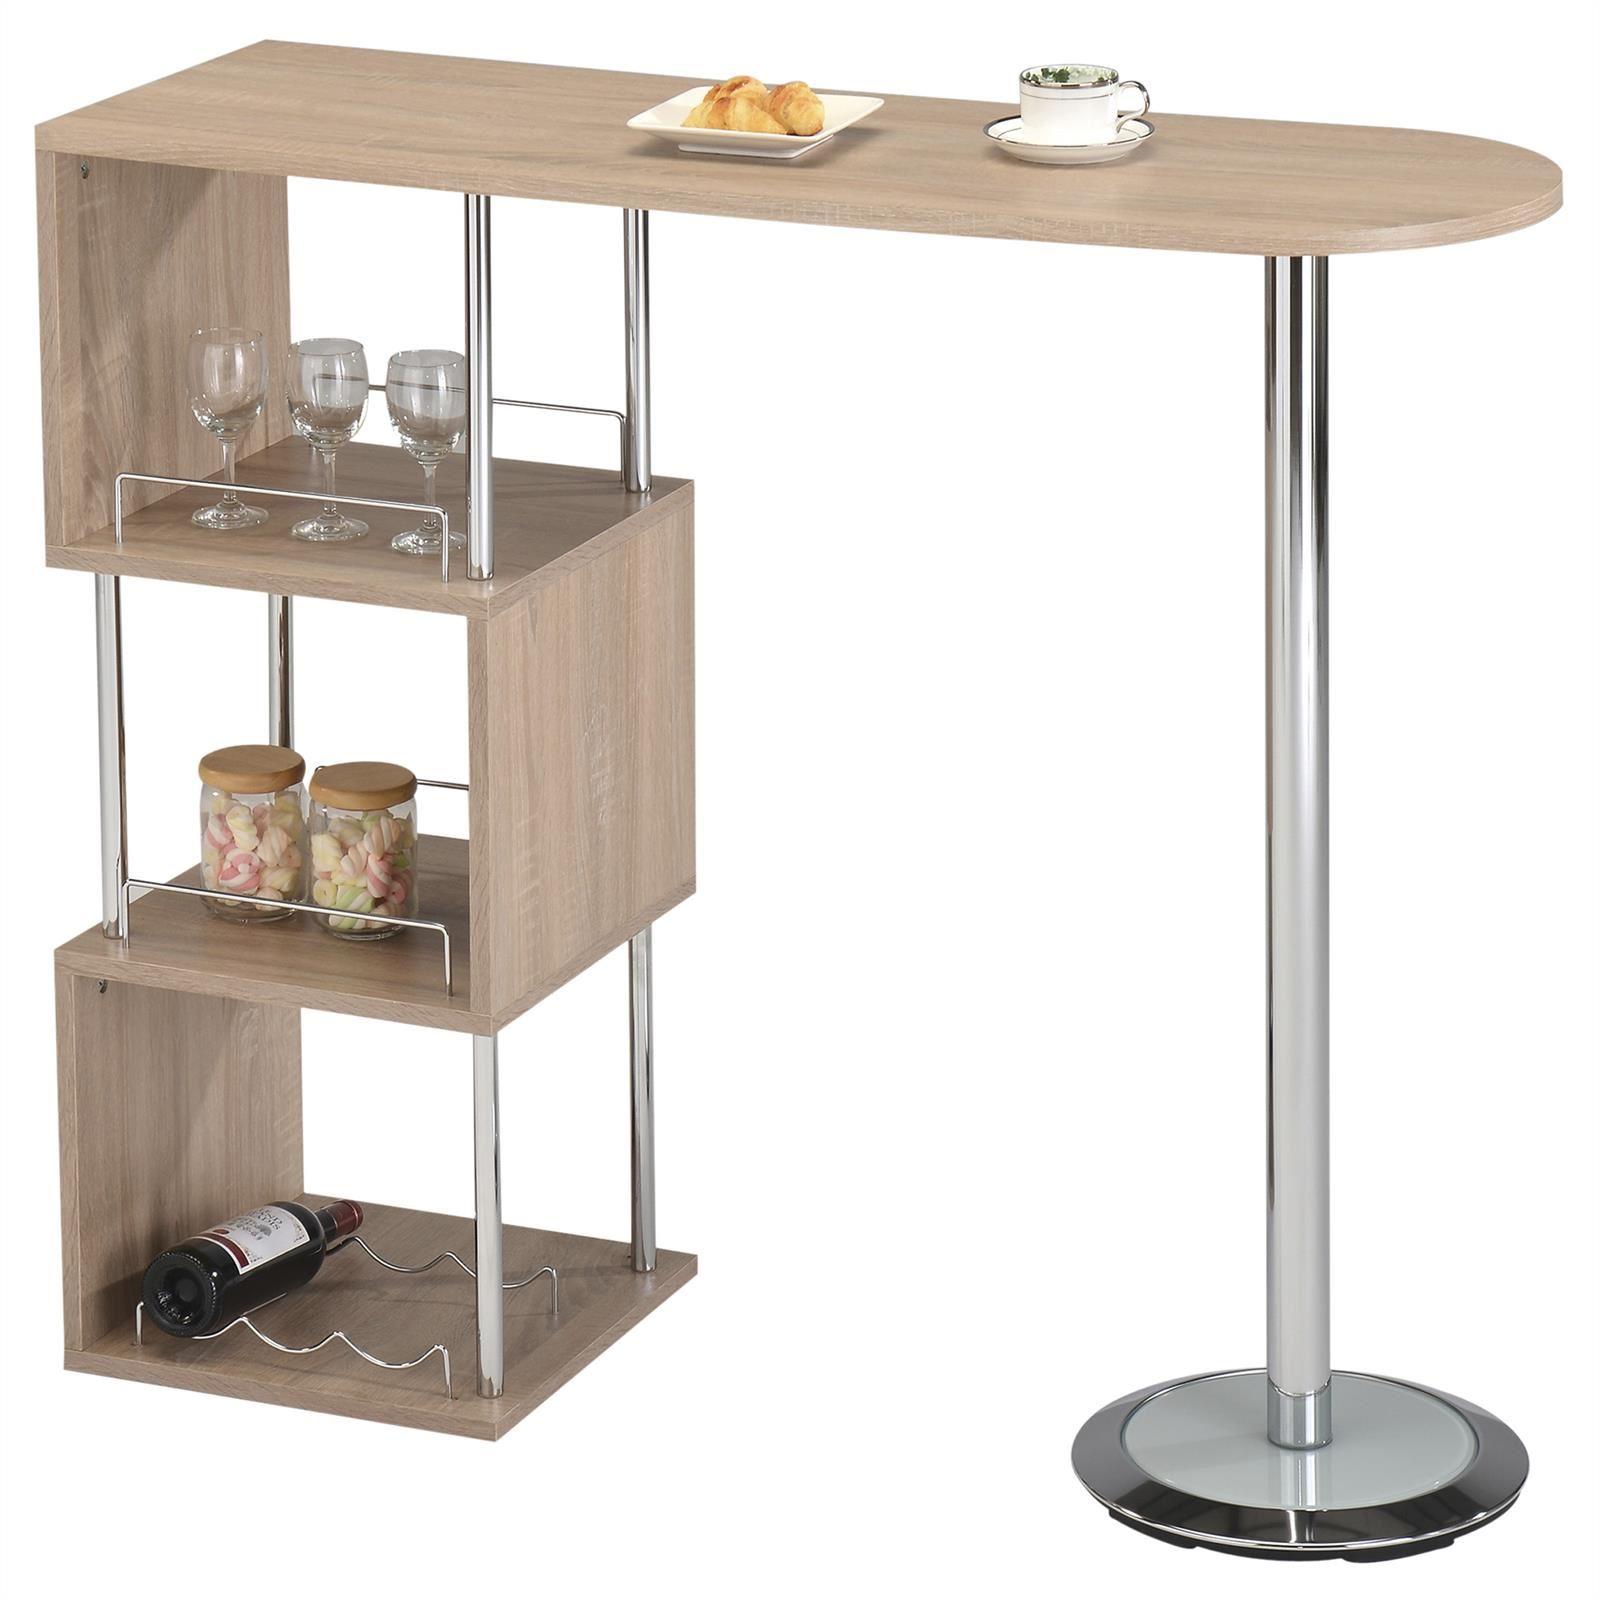 bartisch stehtisch bartresen bistrotisch tresentisch in 4 farben mit stauraum ebay. Black Bedroom Furniture Sets. Home Design Ideas